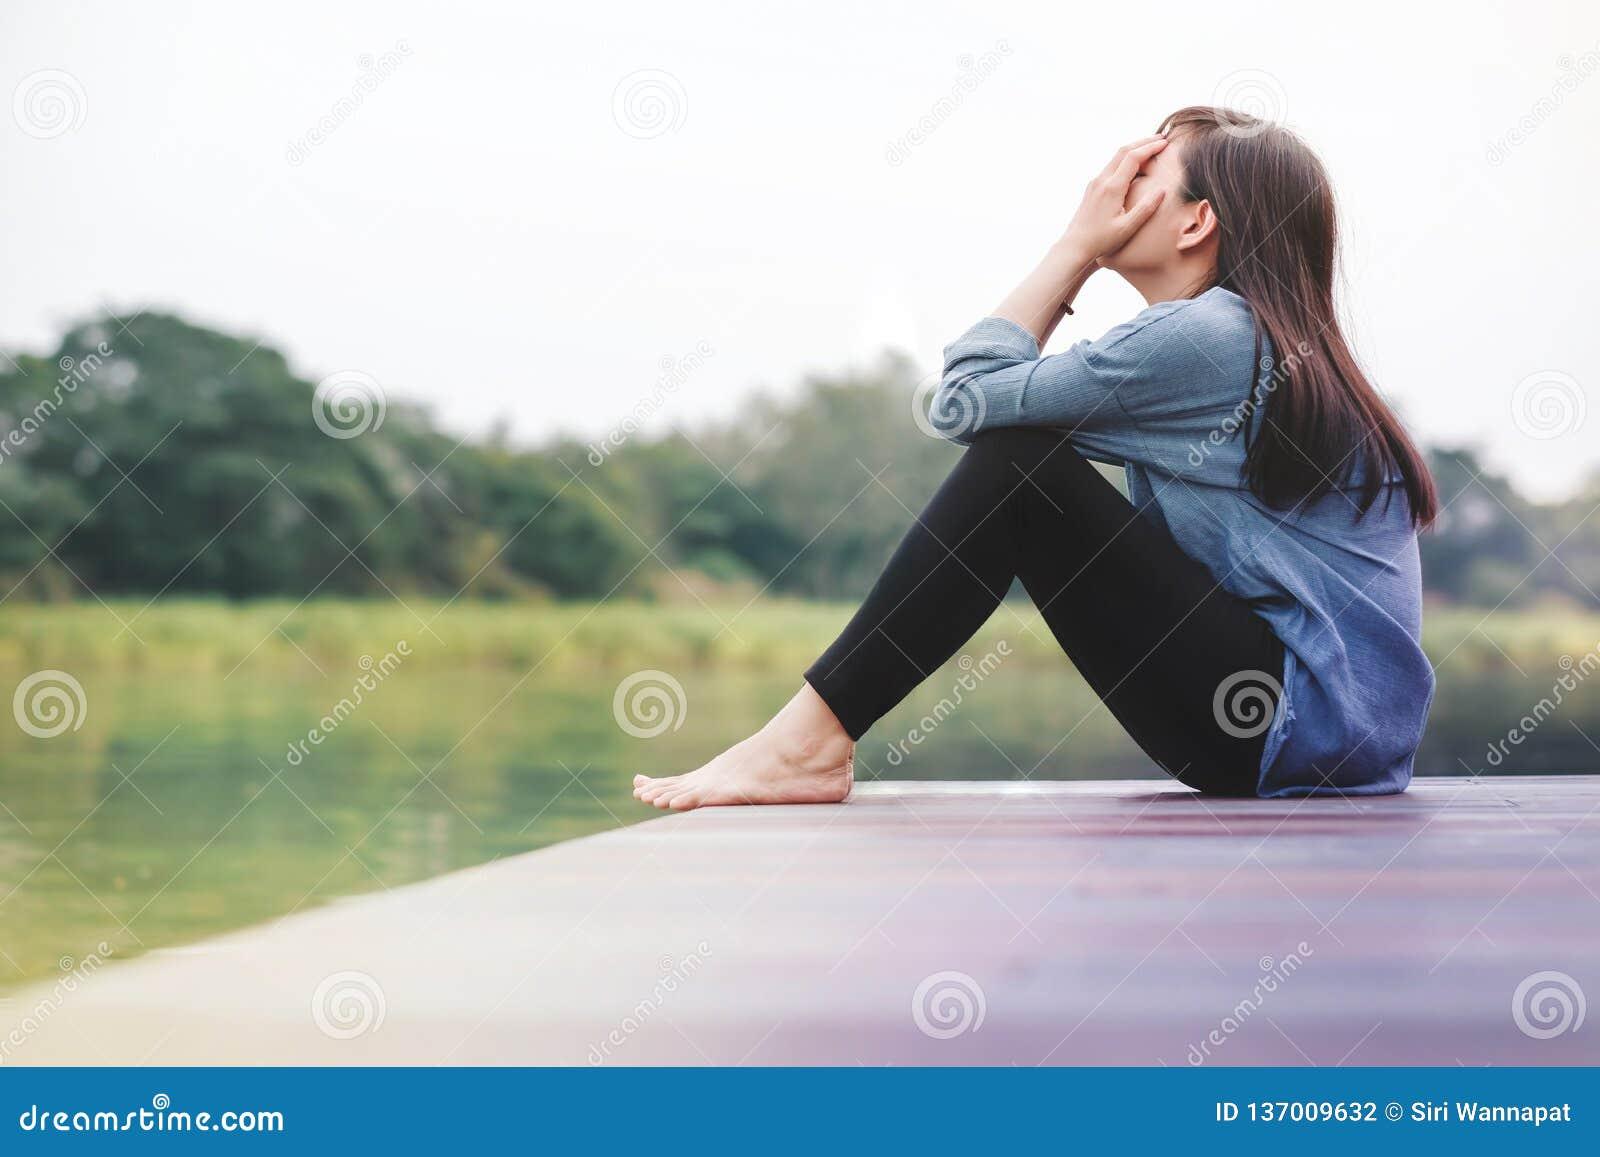 Schlechtes Tageskonzept Traurigkeits-Frau, die durch den Fluss sitzt